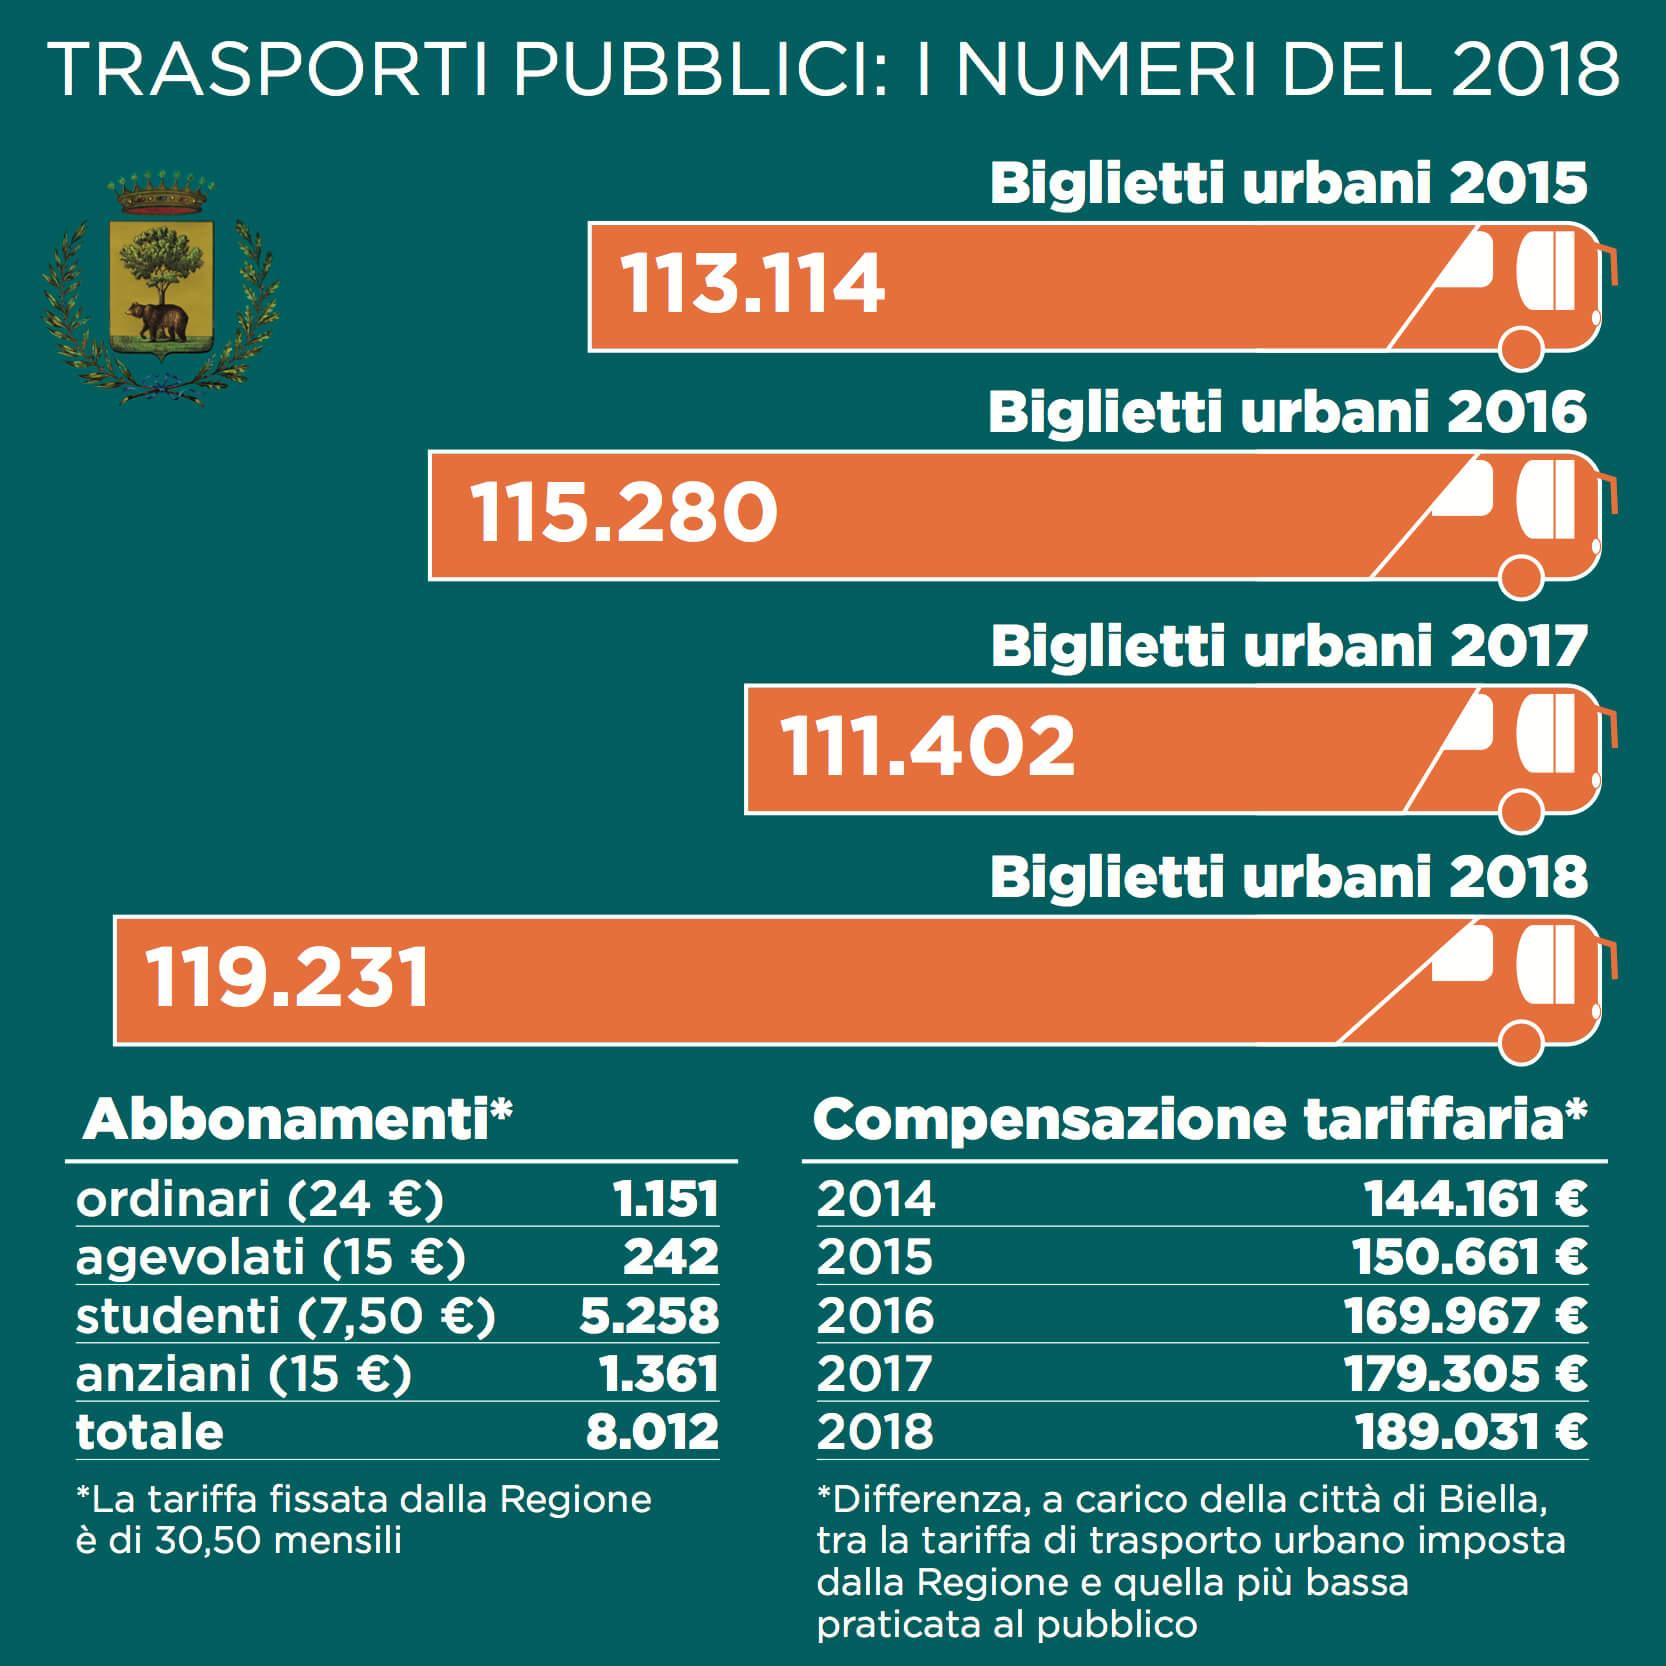 Le cifre del trasporto urbano nel 2018